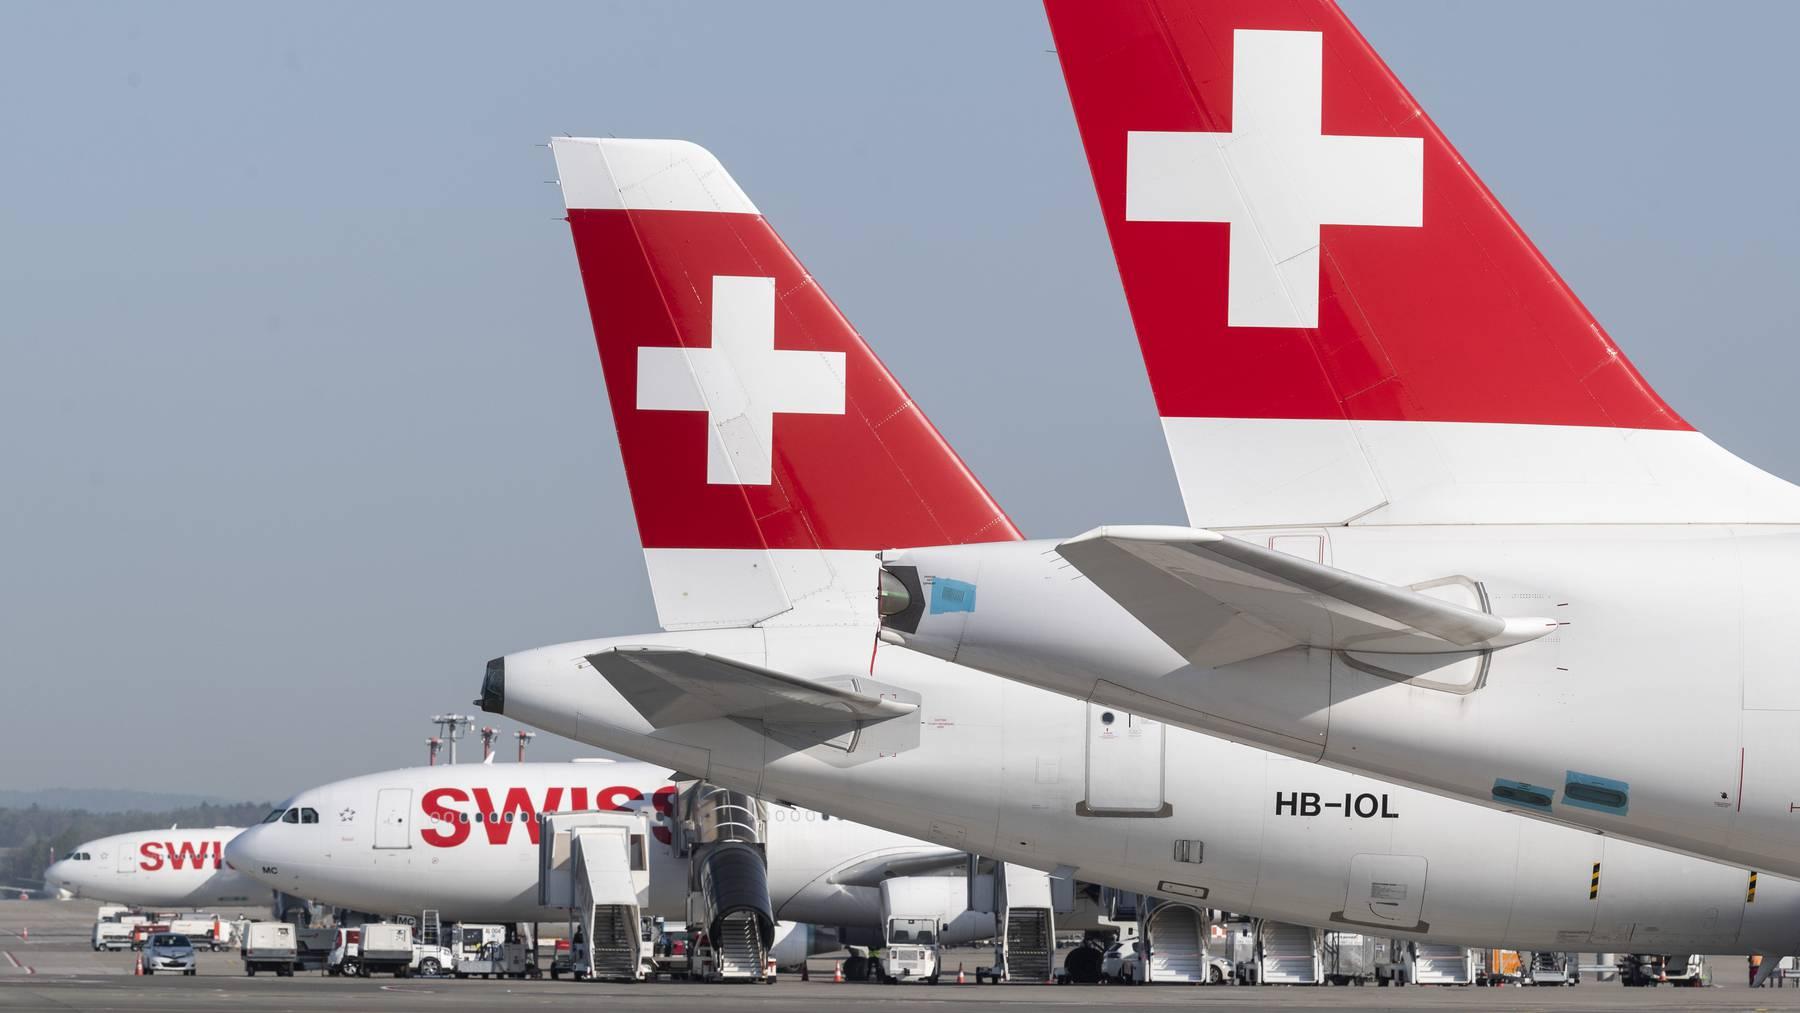 Für die Lufthansa ein lukratives Drehkreuz: Der Flughafen Zürich.